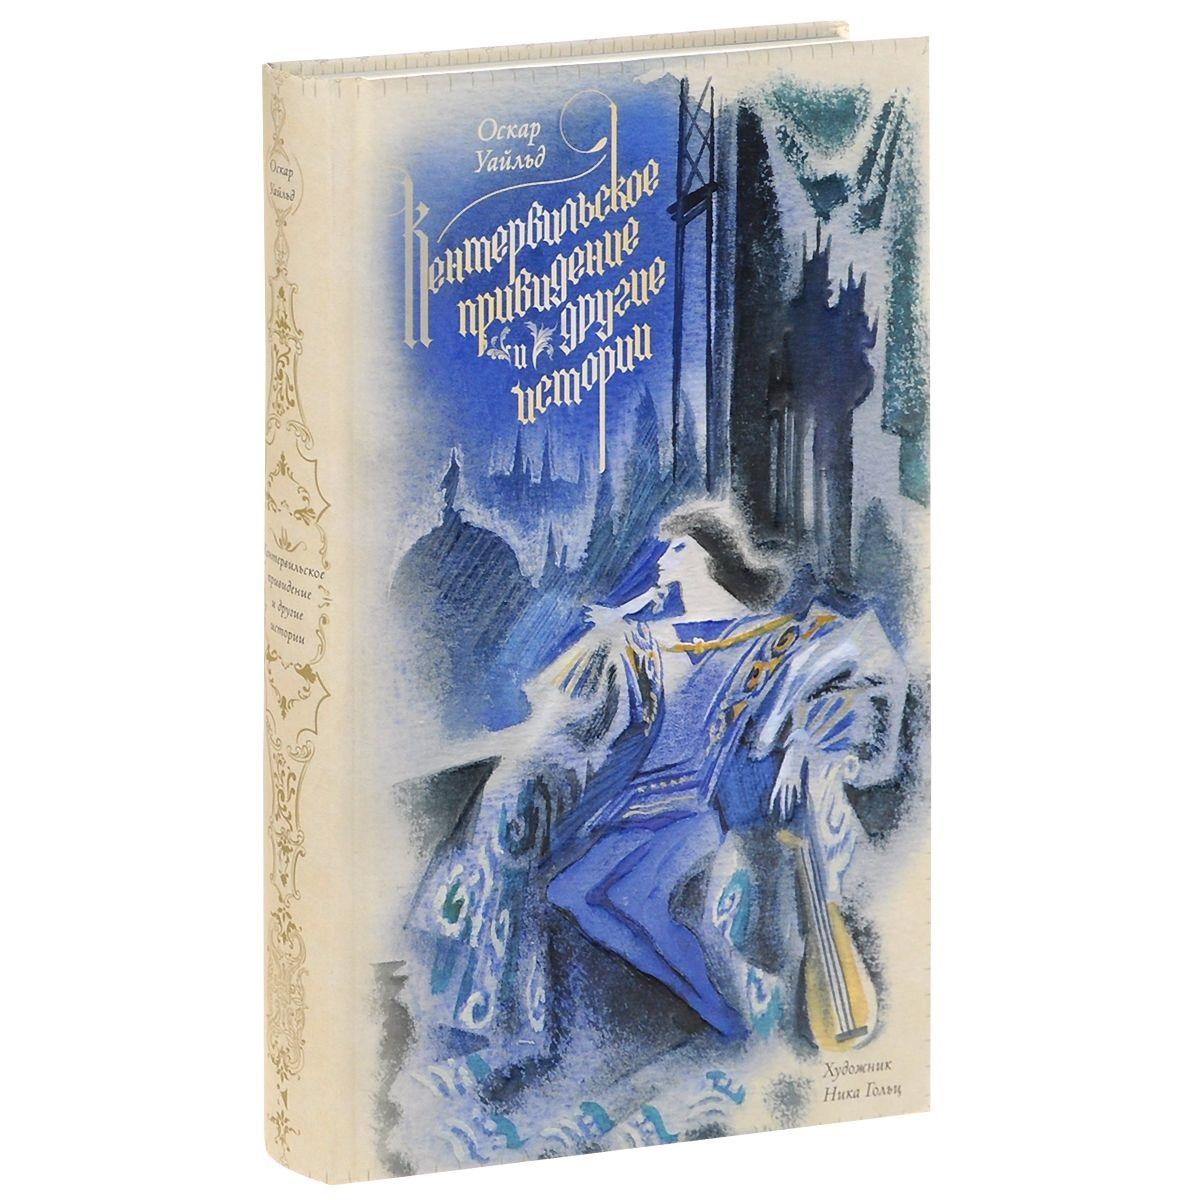 Купить Кентервильское привидение и другие истории, Оскар Уайльд, 978-5-9268-1688-1